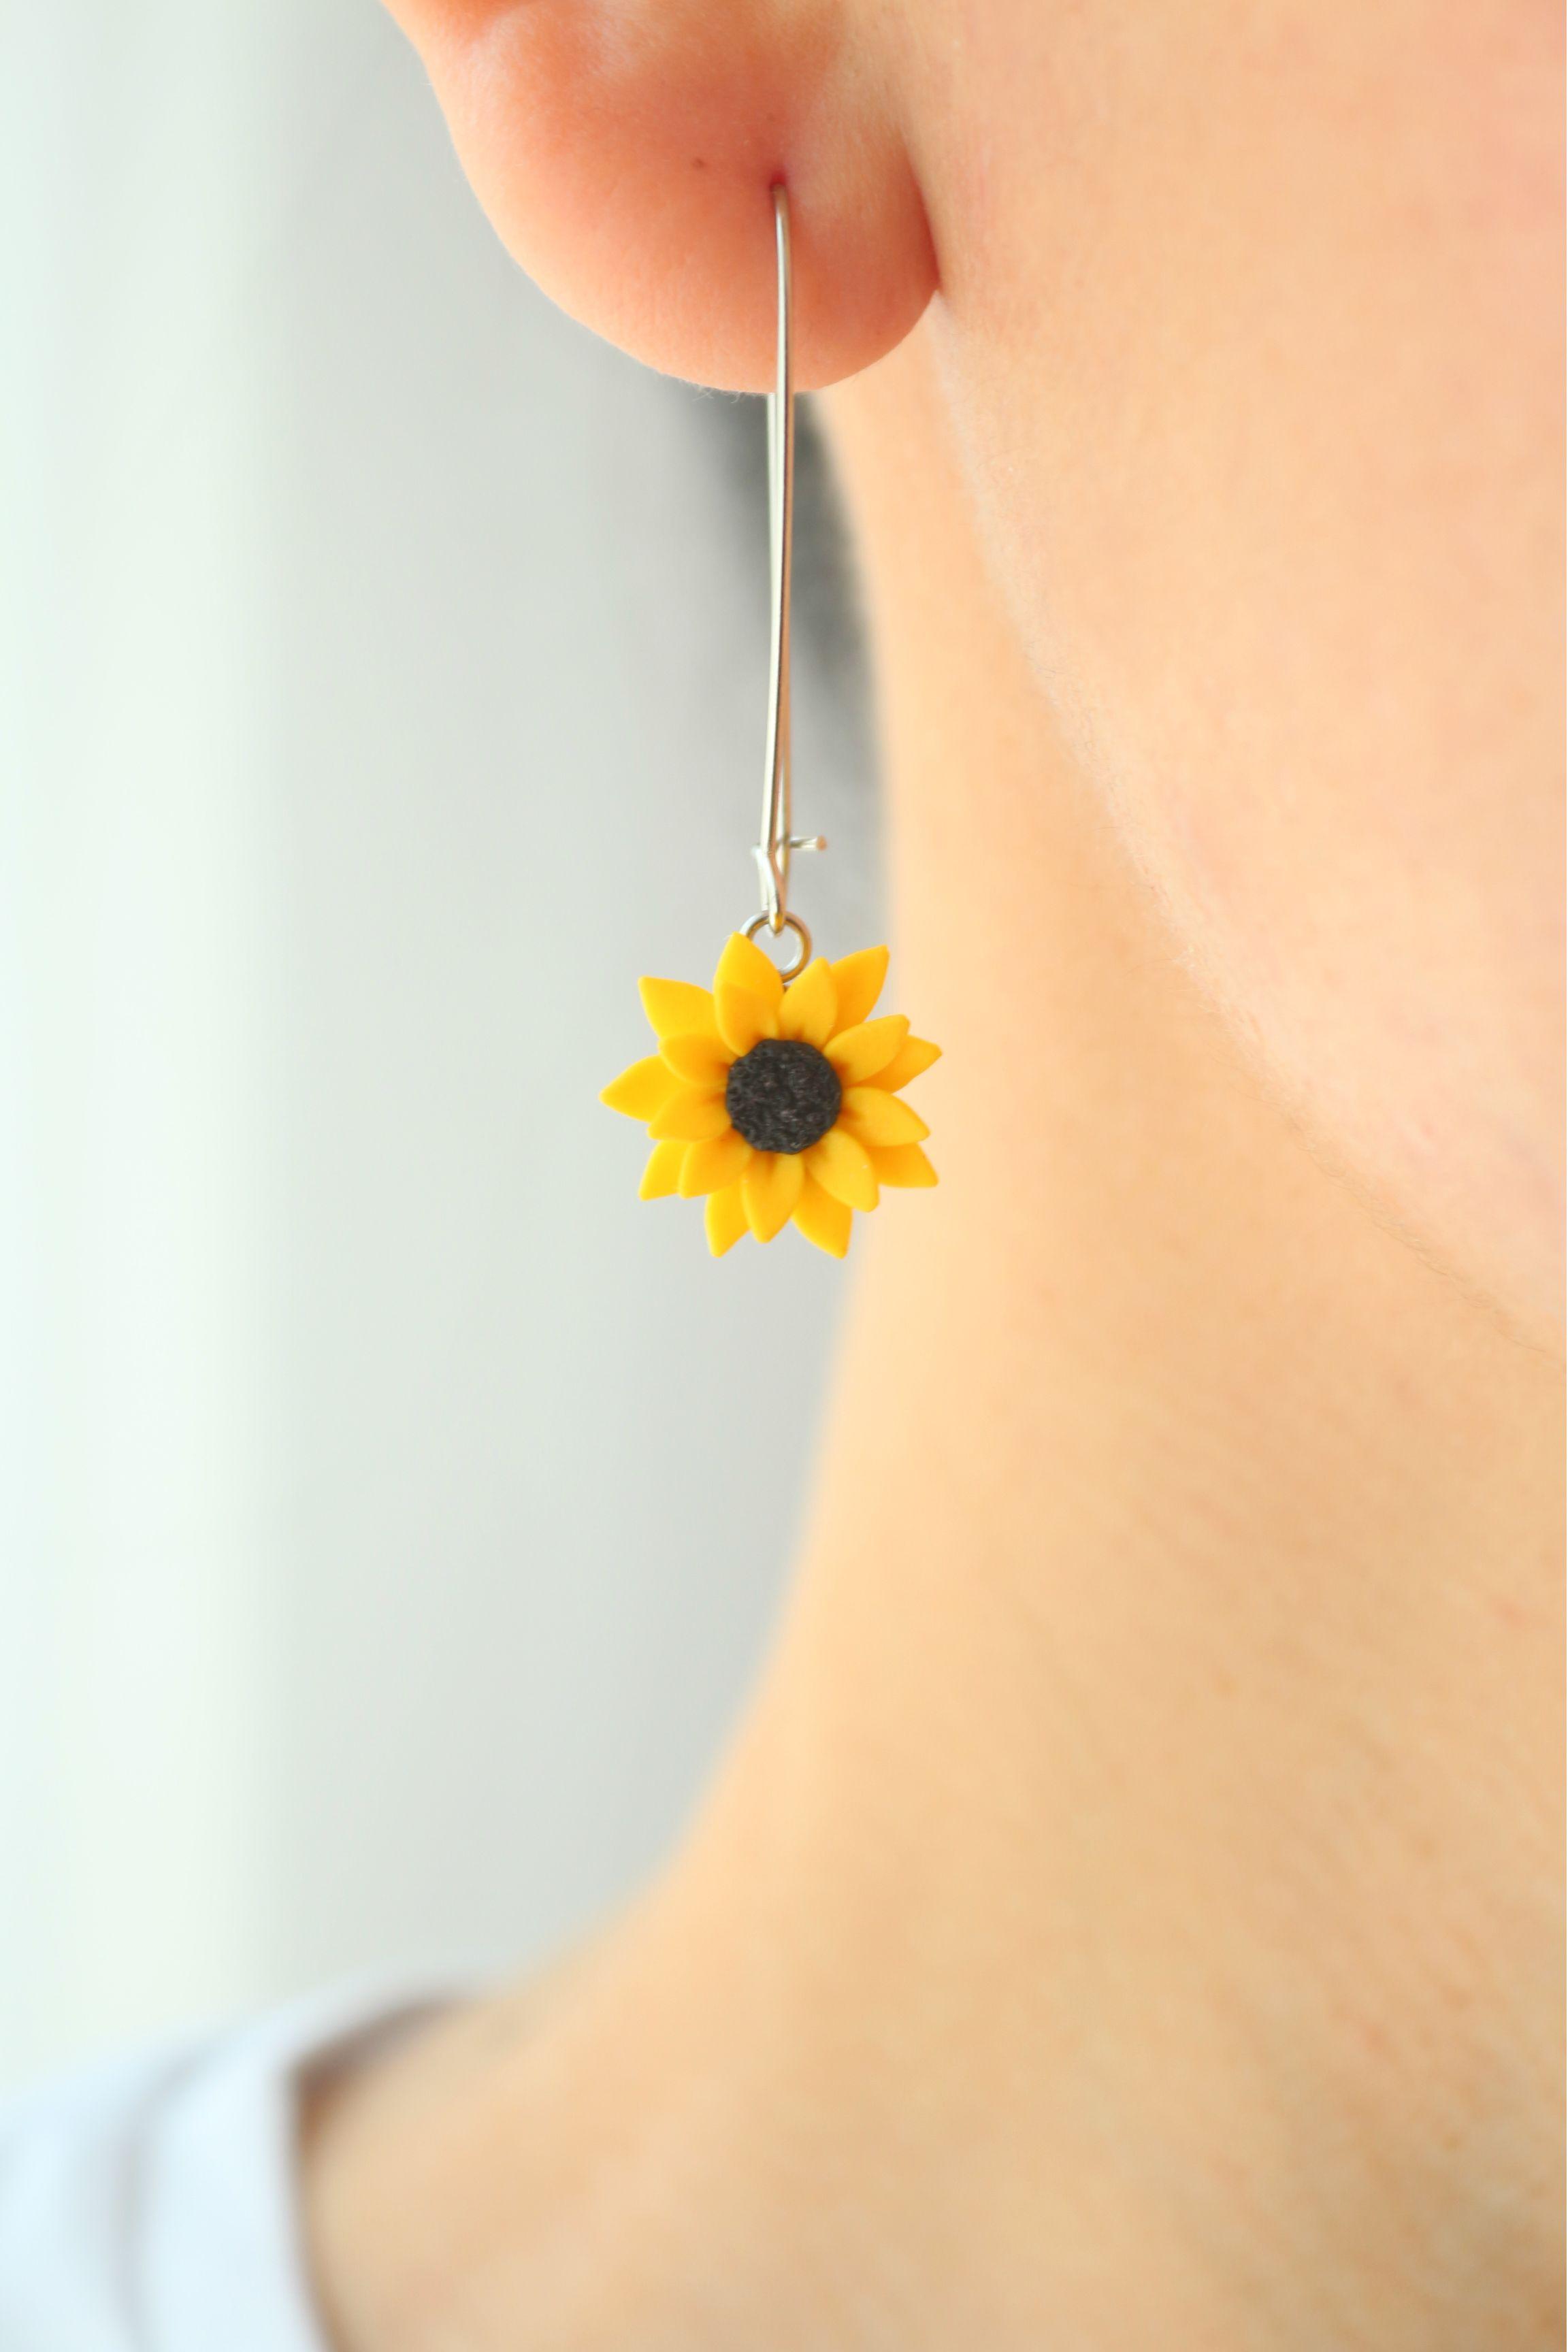 Leaf Earrings White Daisy Earrings Best Friend Gift Flower Resin Earrings Gift for Her Daisy Charm Earrings Daisy Flower Earrings